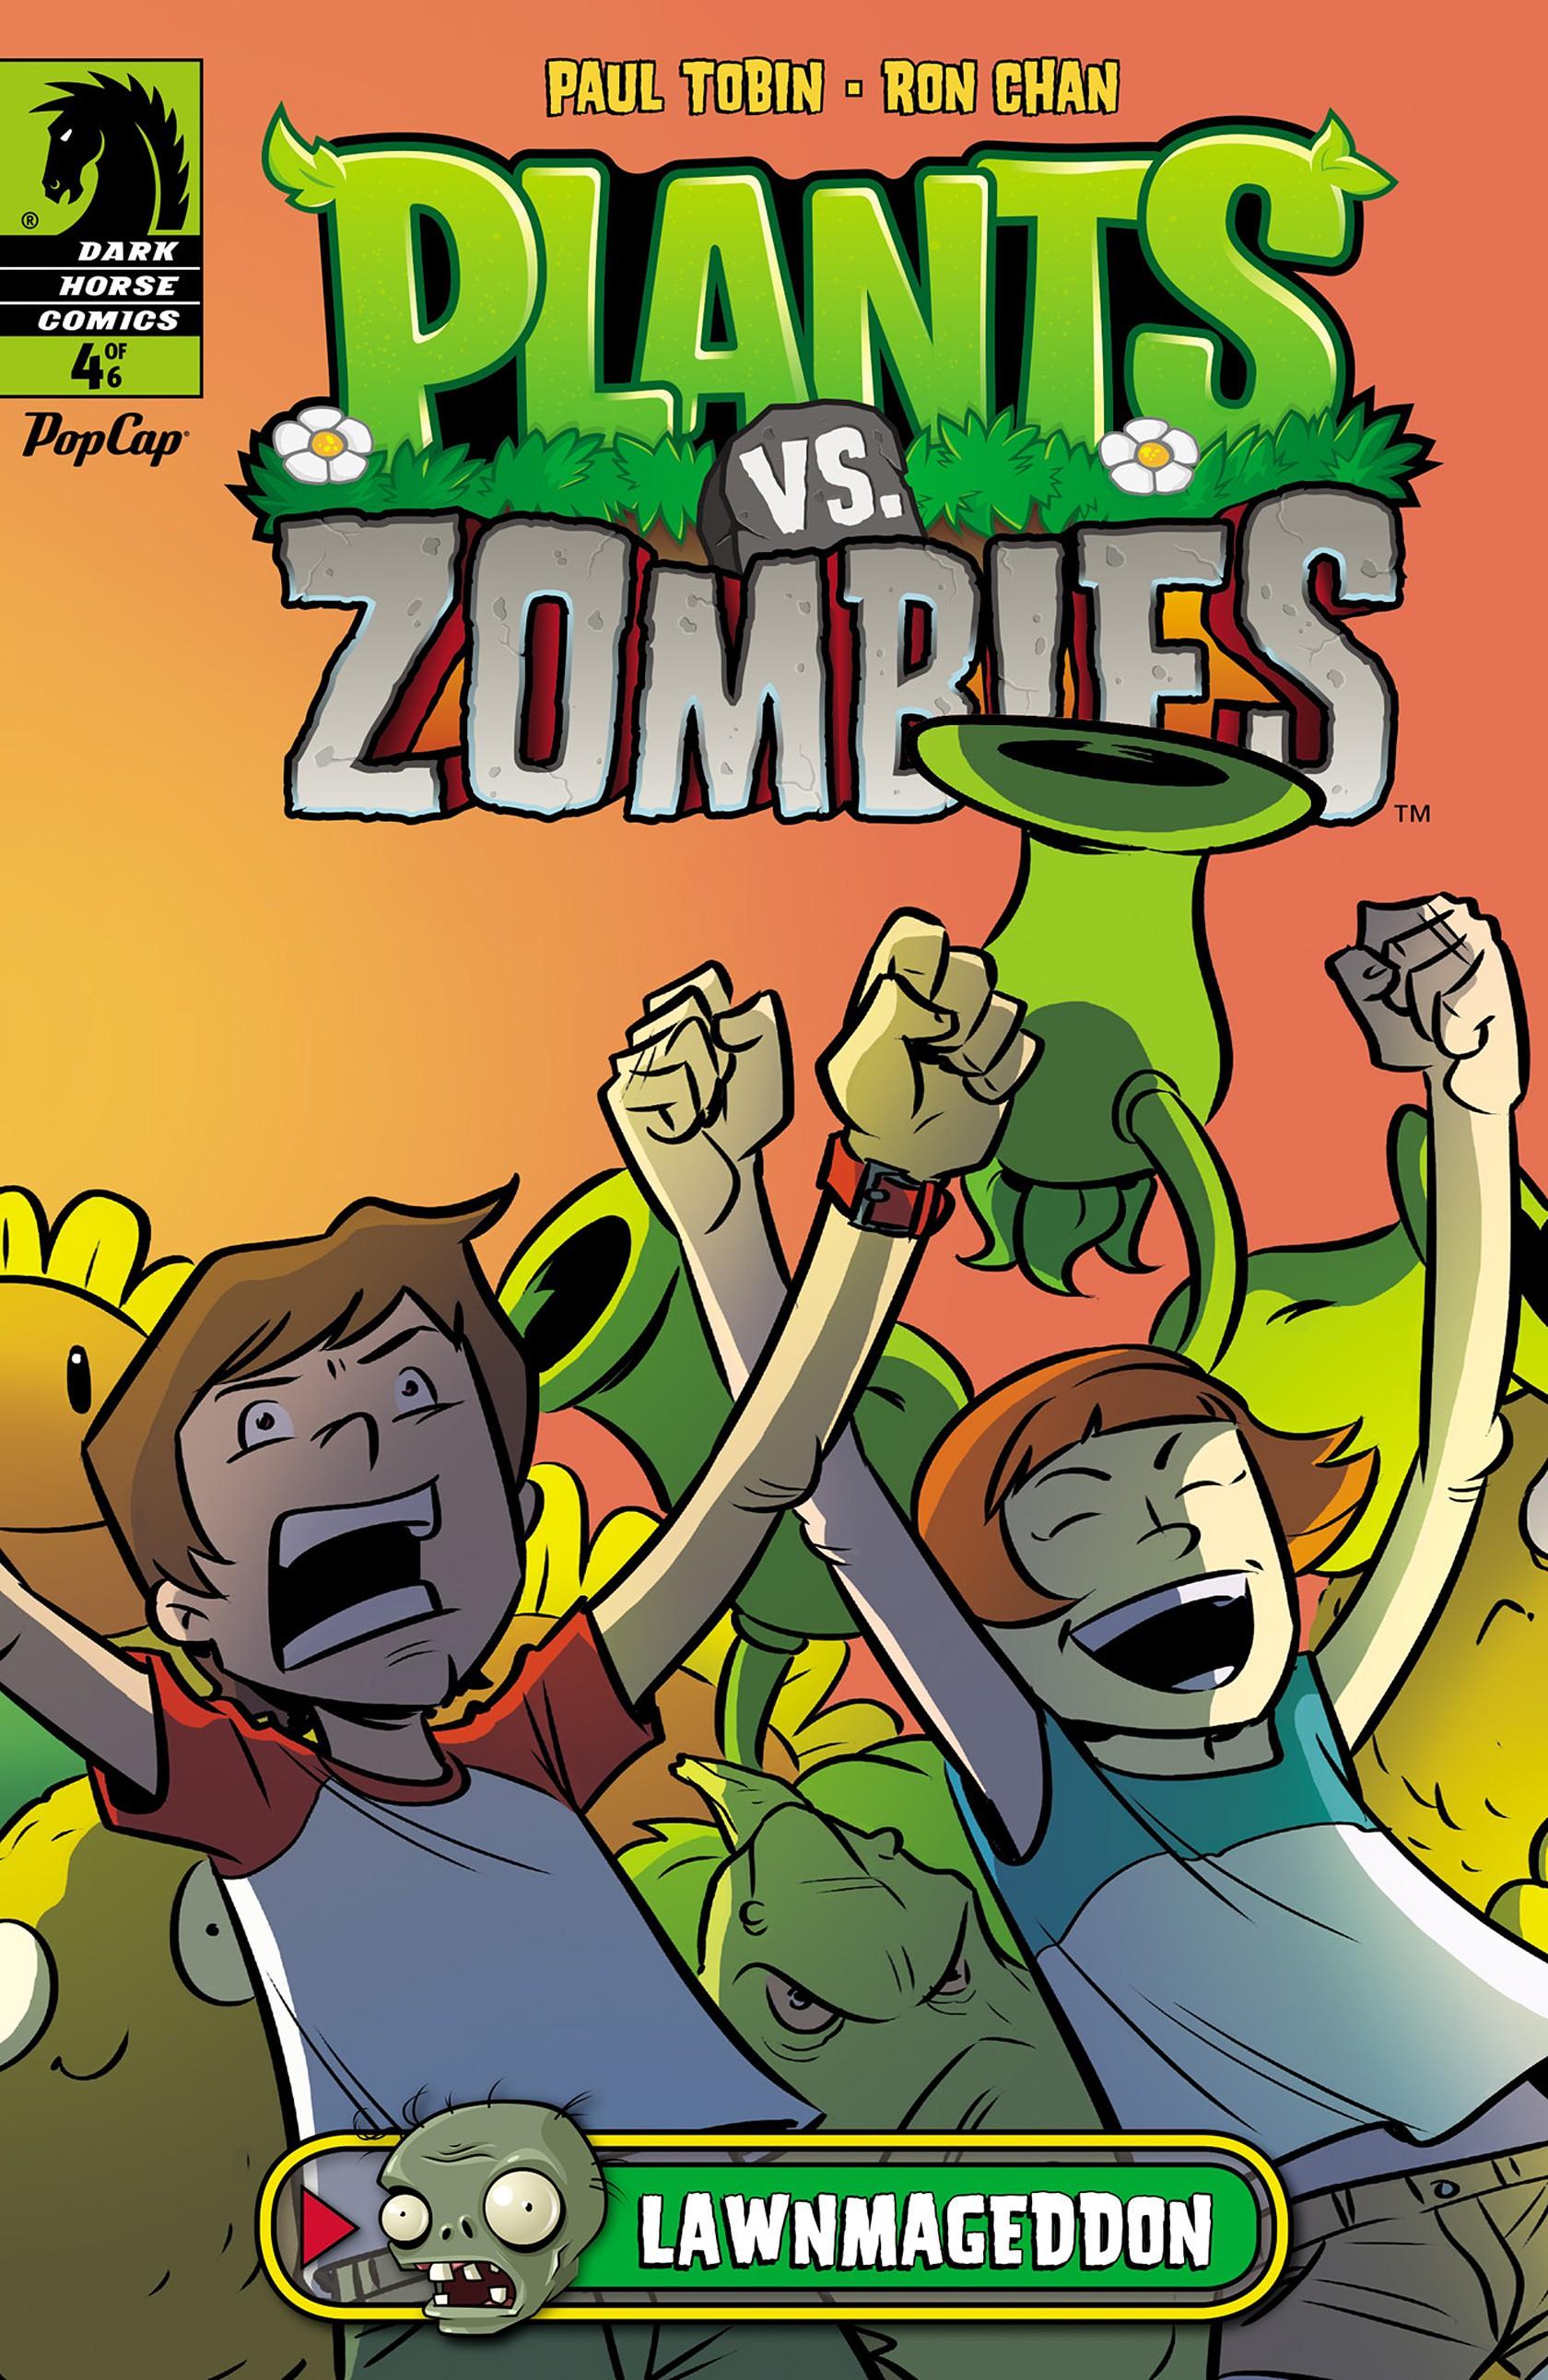 formatfactoryplants_vs_zombies_004-001.jpg